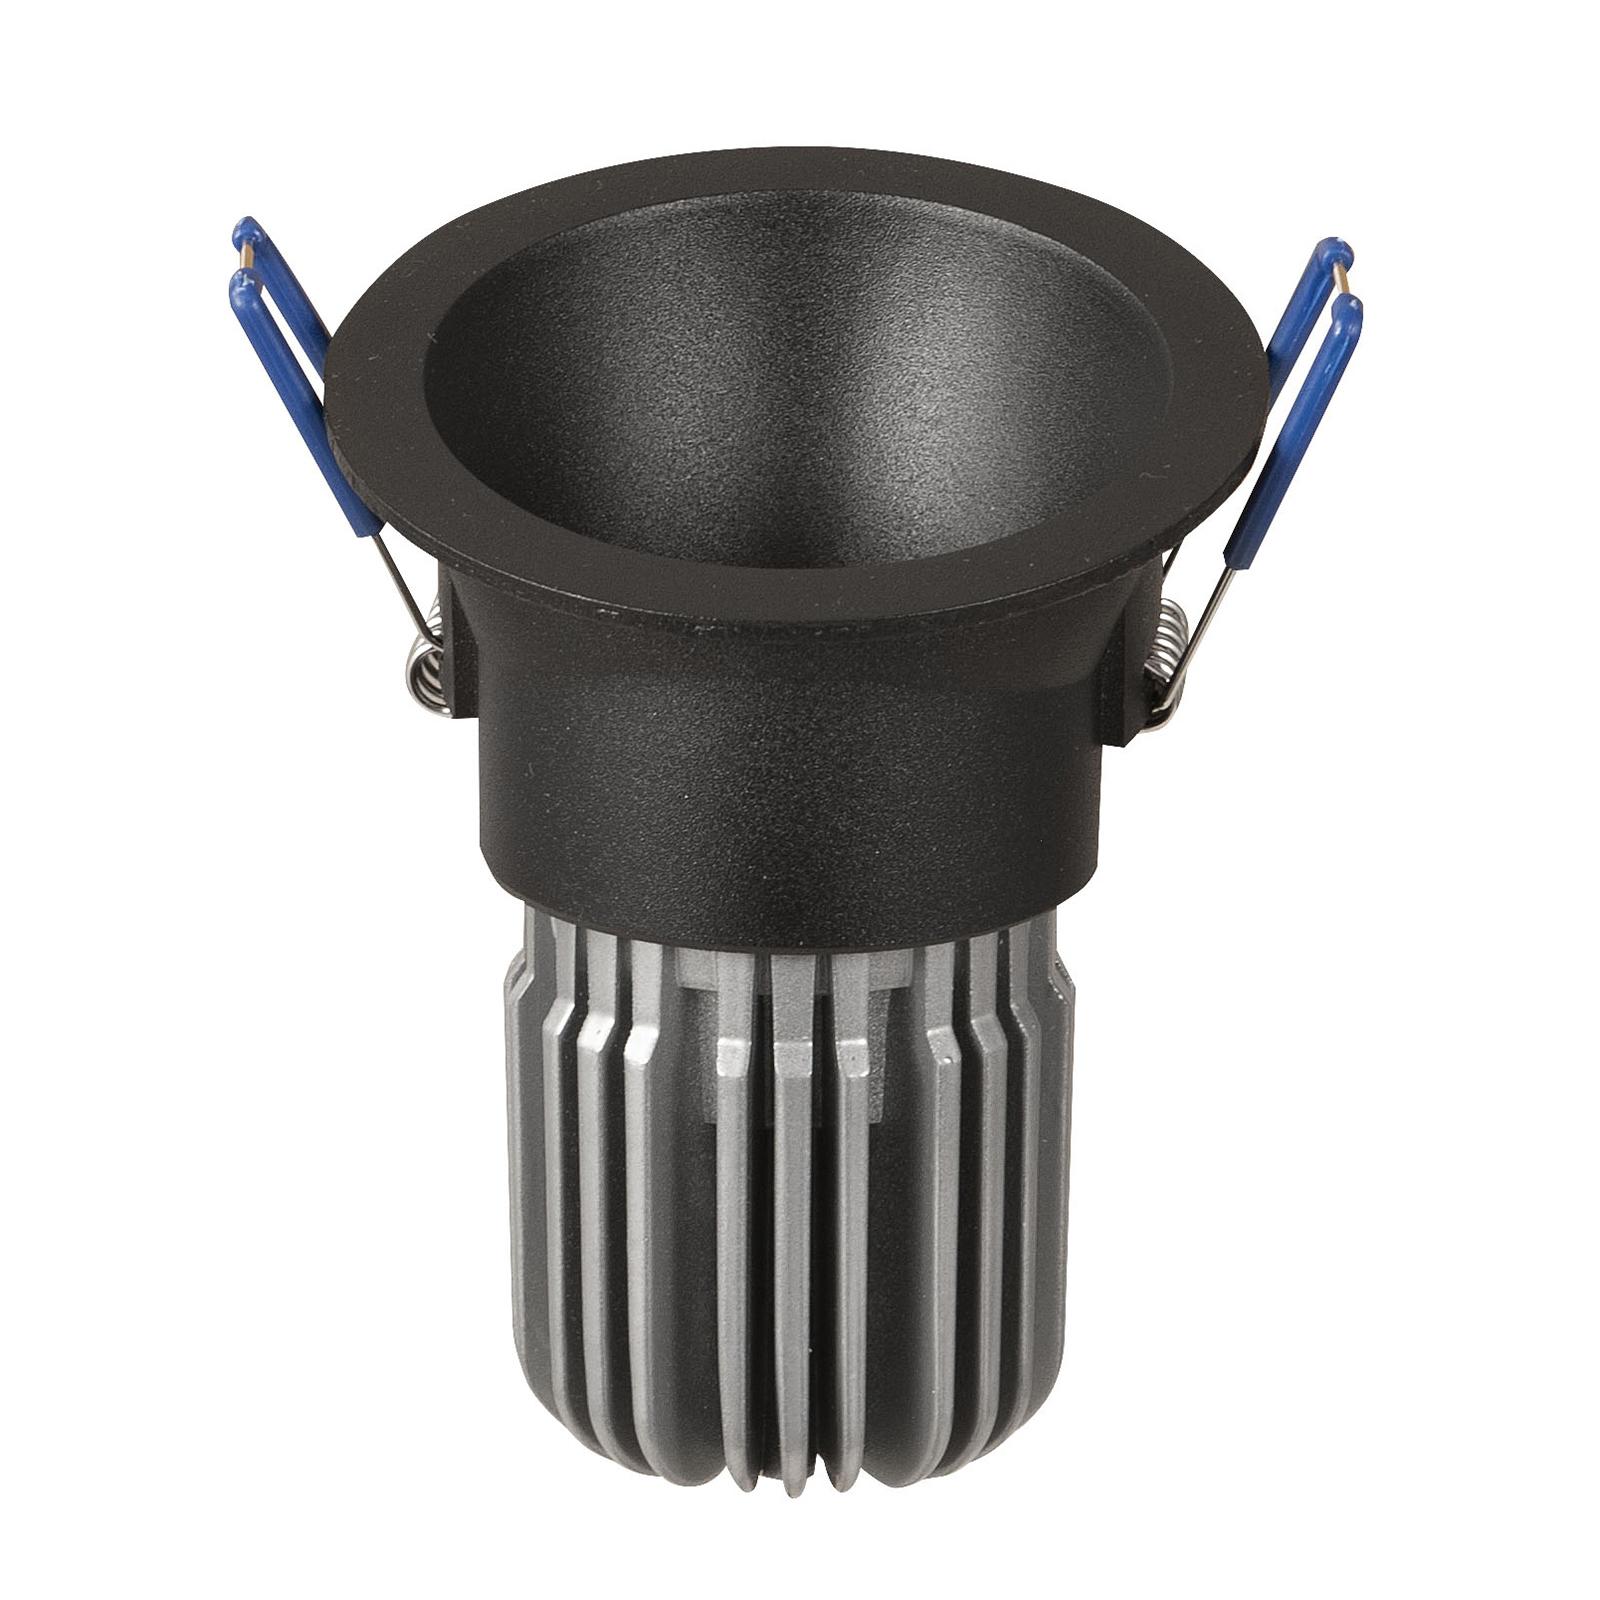 LED-Einbaulampe Toodle rund asymmetrisch, schwarz